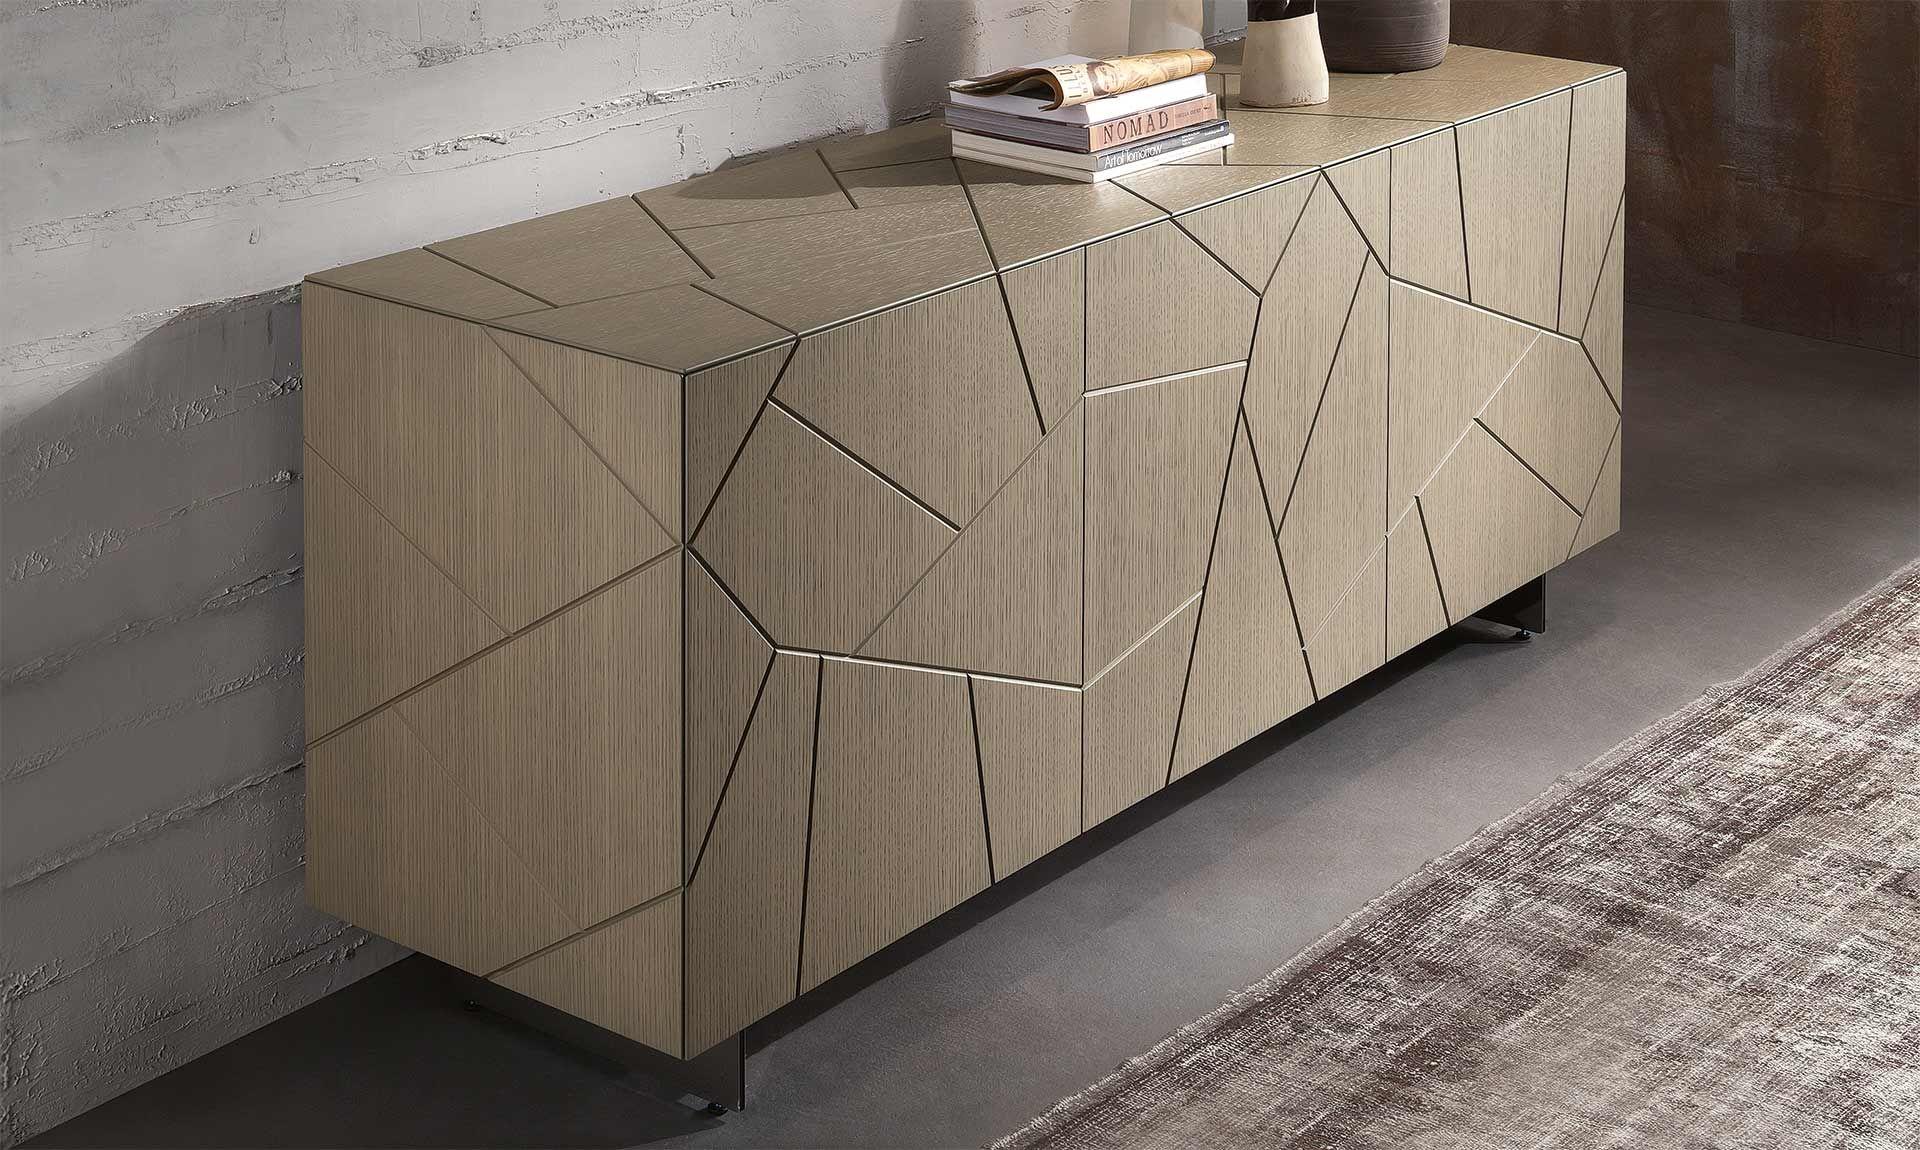 Buffet Design Italien Couleur Cafe Au Lait En 2020 Mobilier Design Idee Deco Appartement Mobilier De Salon